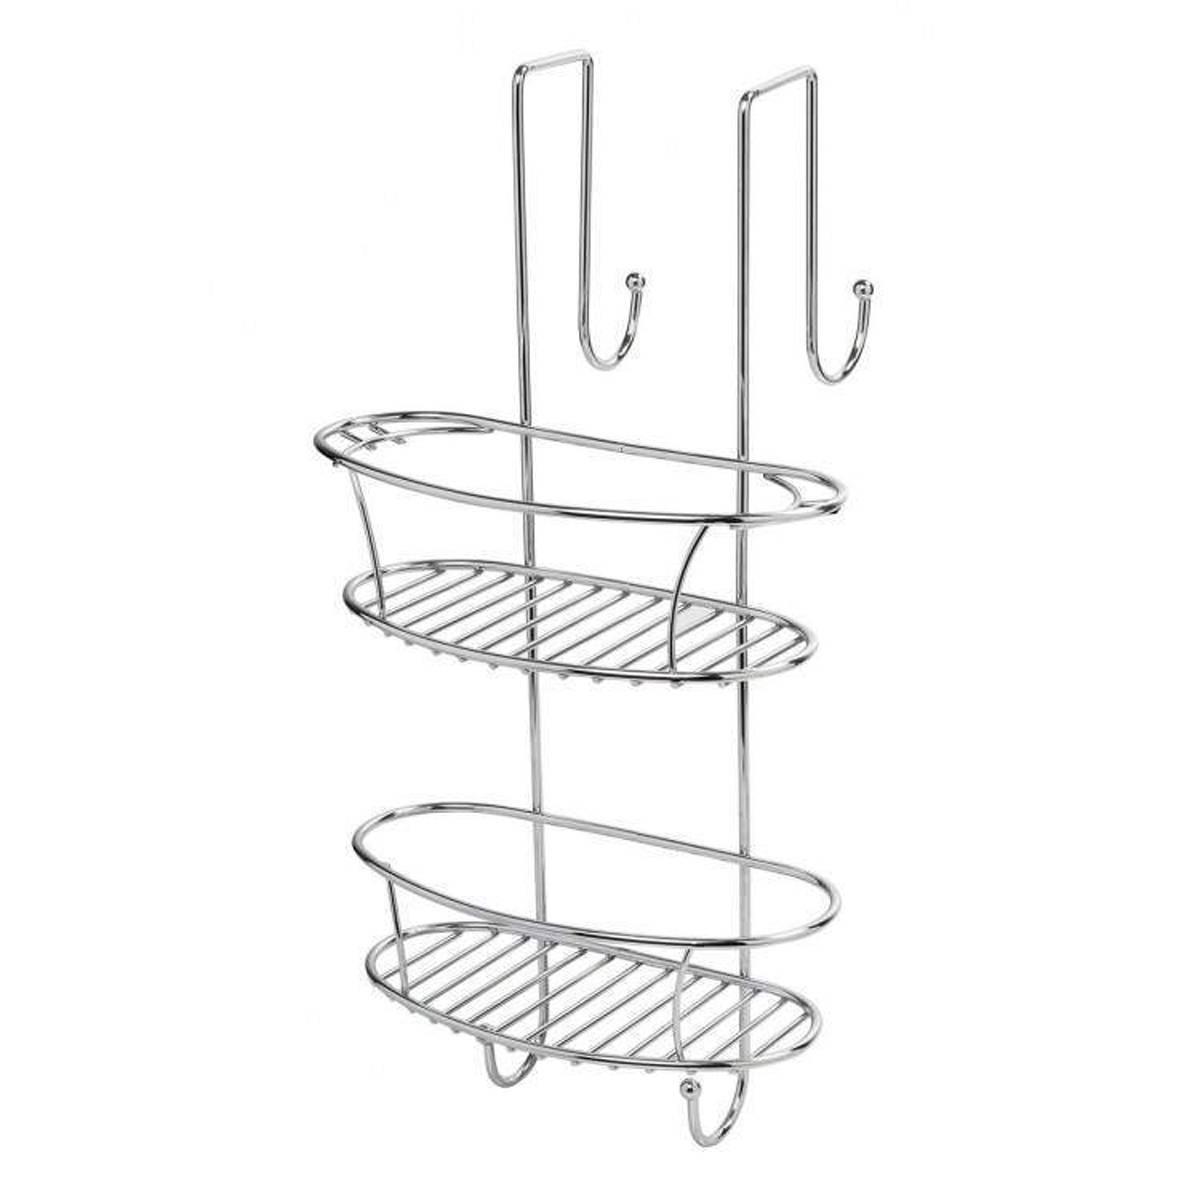 Metaform cestello doccia doppio new chrome accessori bagno finitura in acciaio quaranta store - Accessori bagno in acciaio ...